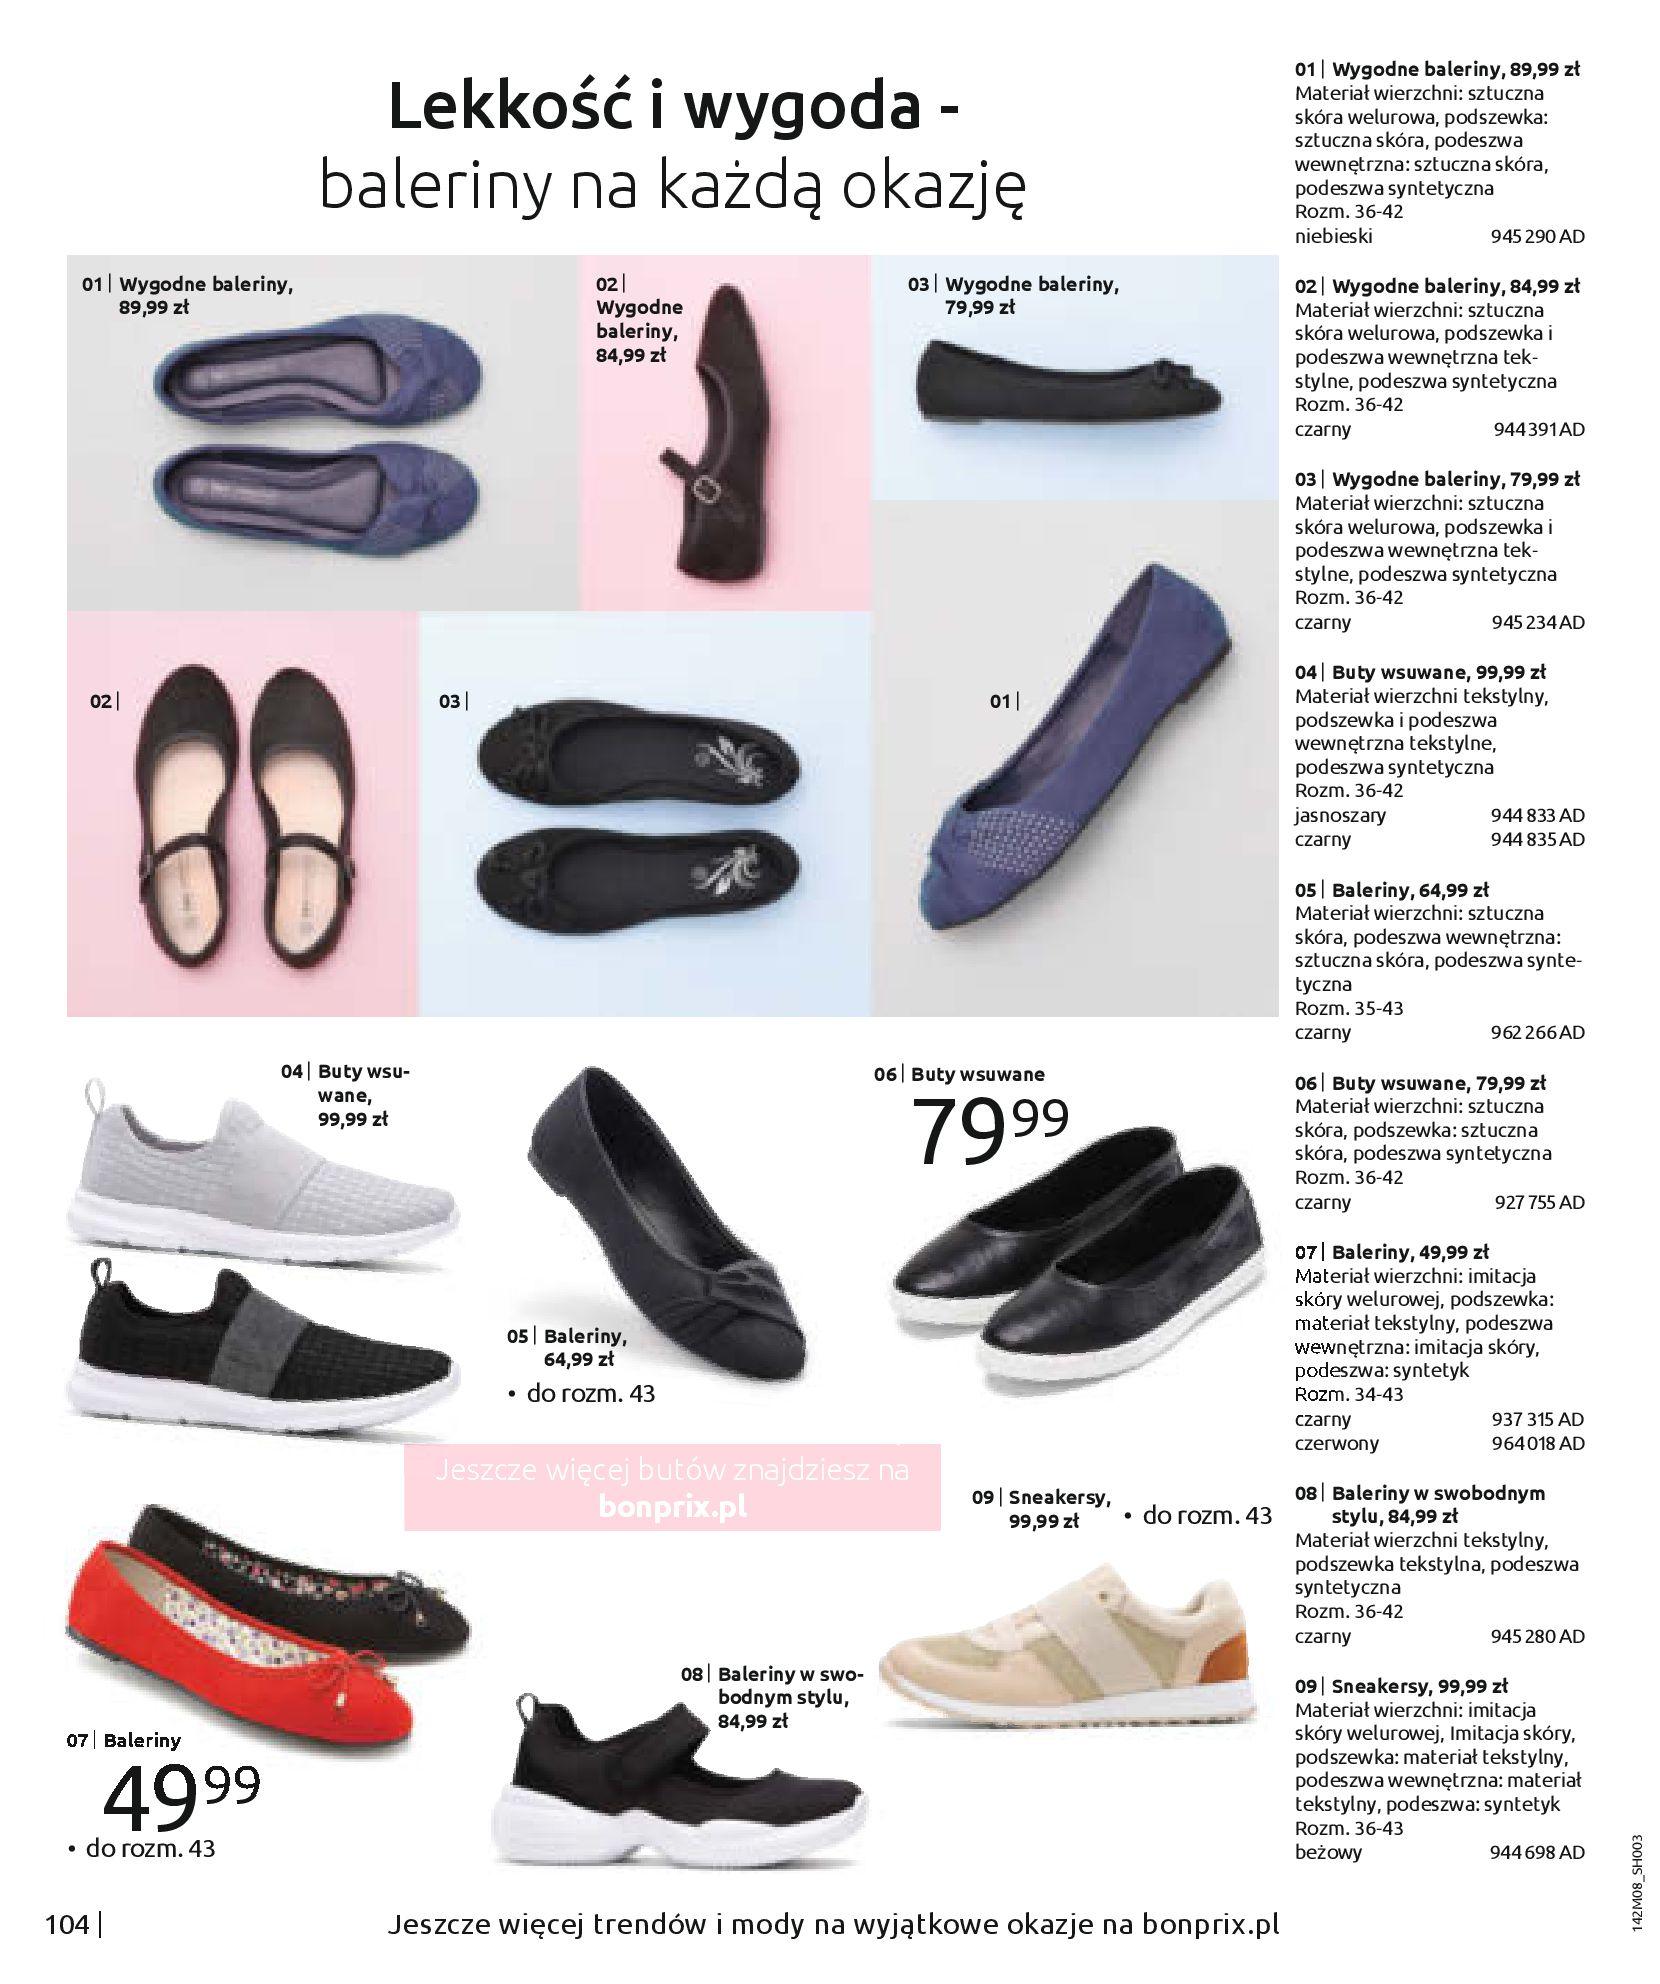 Gazetka Bonprix - Hity dżinsowej mody!-25.08.2020-10.02.2021-page-106